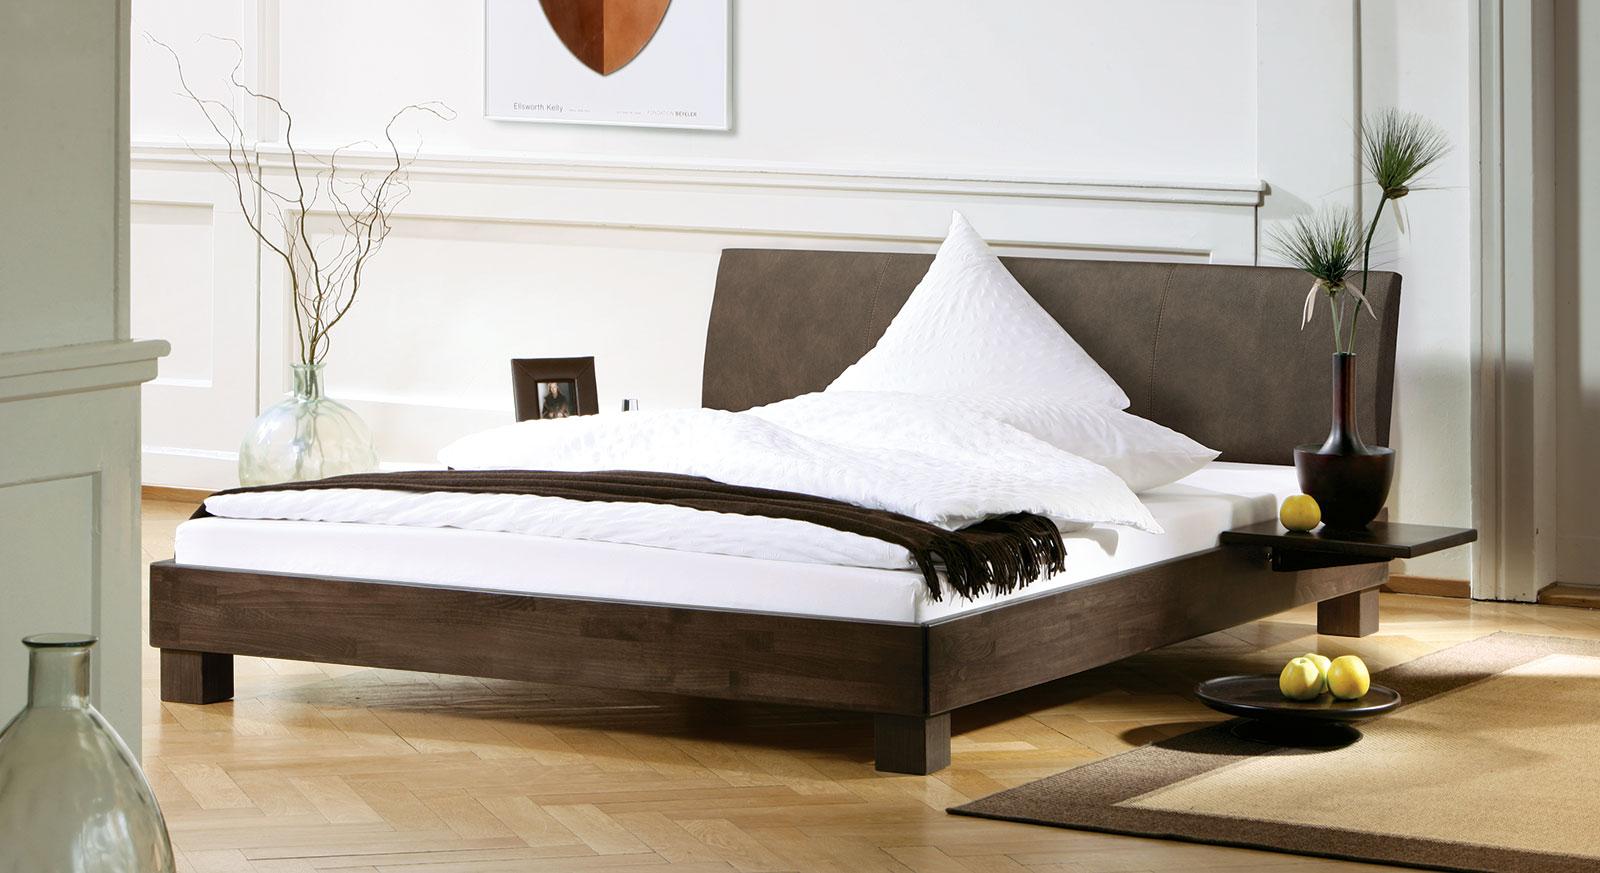 Full Size of Bett Mit Lehne Aus Luxus Kunstleder Gnstig Kaufen Marbella Schlafzimmer Komplett Günstig Küche Elektrogeräten Betten 140x200 Sofa Günstige Outdoor Bett Betten Günstig Kaufen